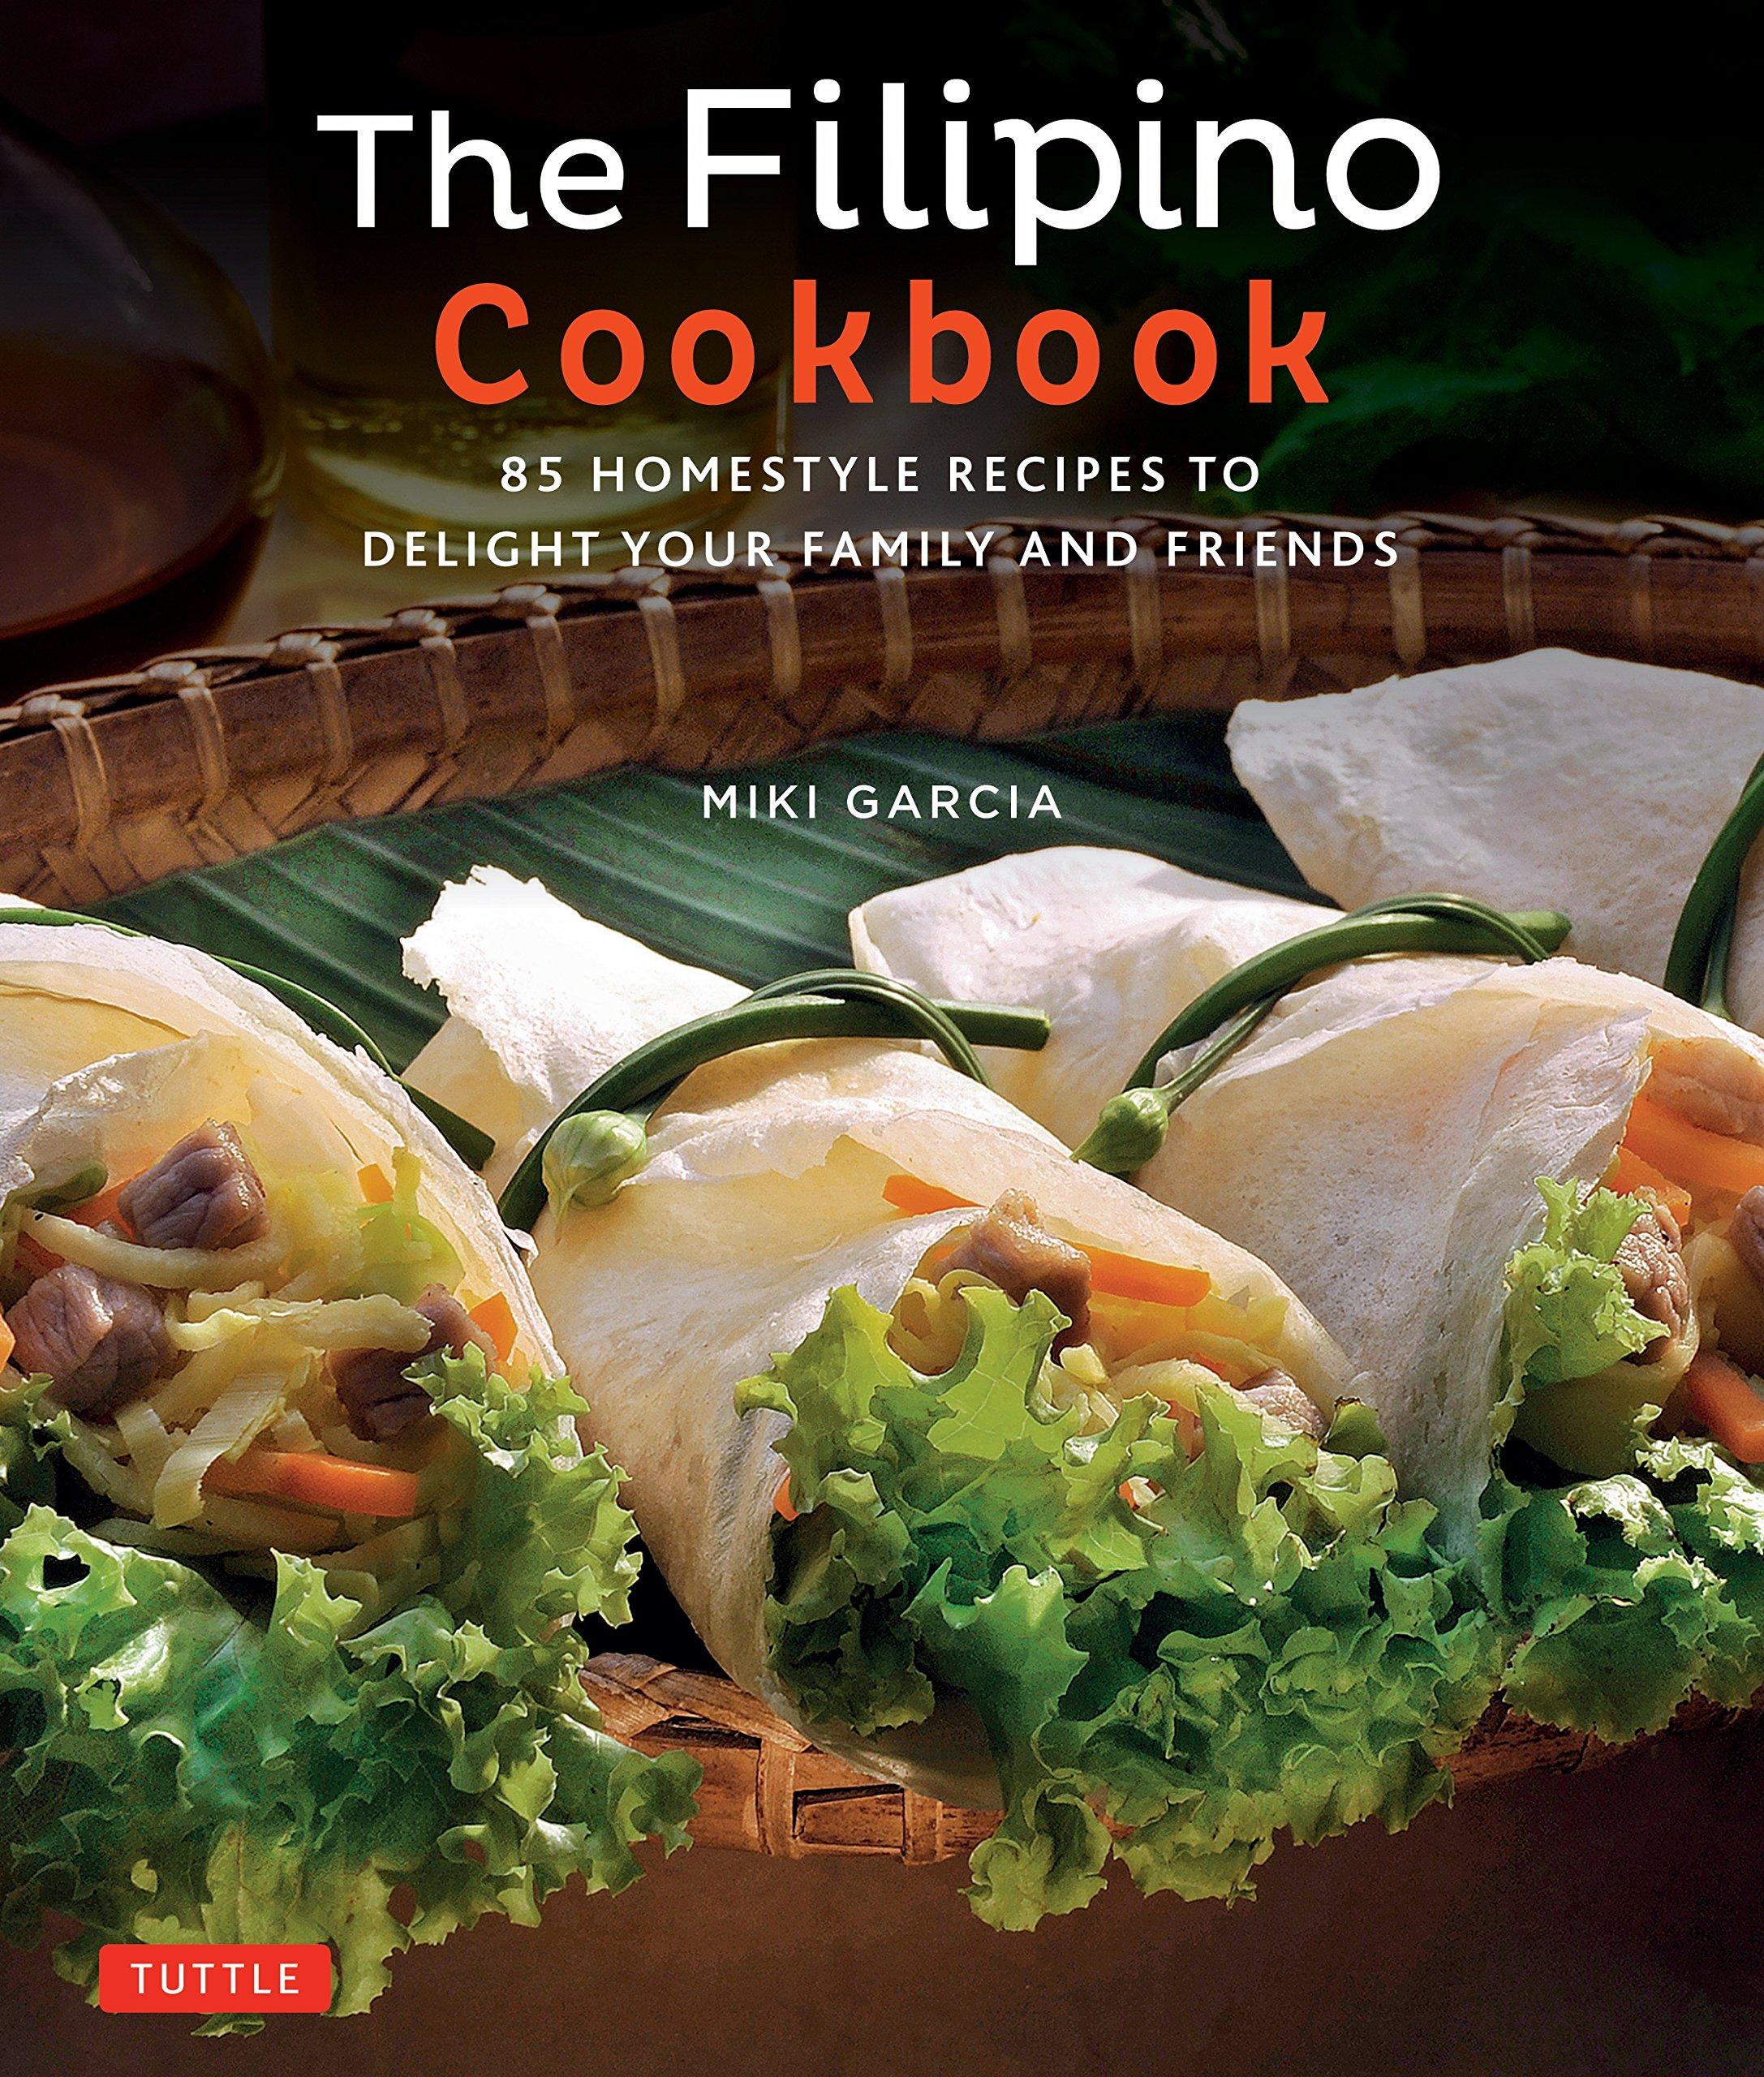 The Filipino Cookbook 85 Homestyle Recipes To Delight Your Family And Friends Garcia Miki Tettoni Luca Invernizzi 9780804847674 Amazon Com Books